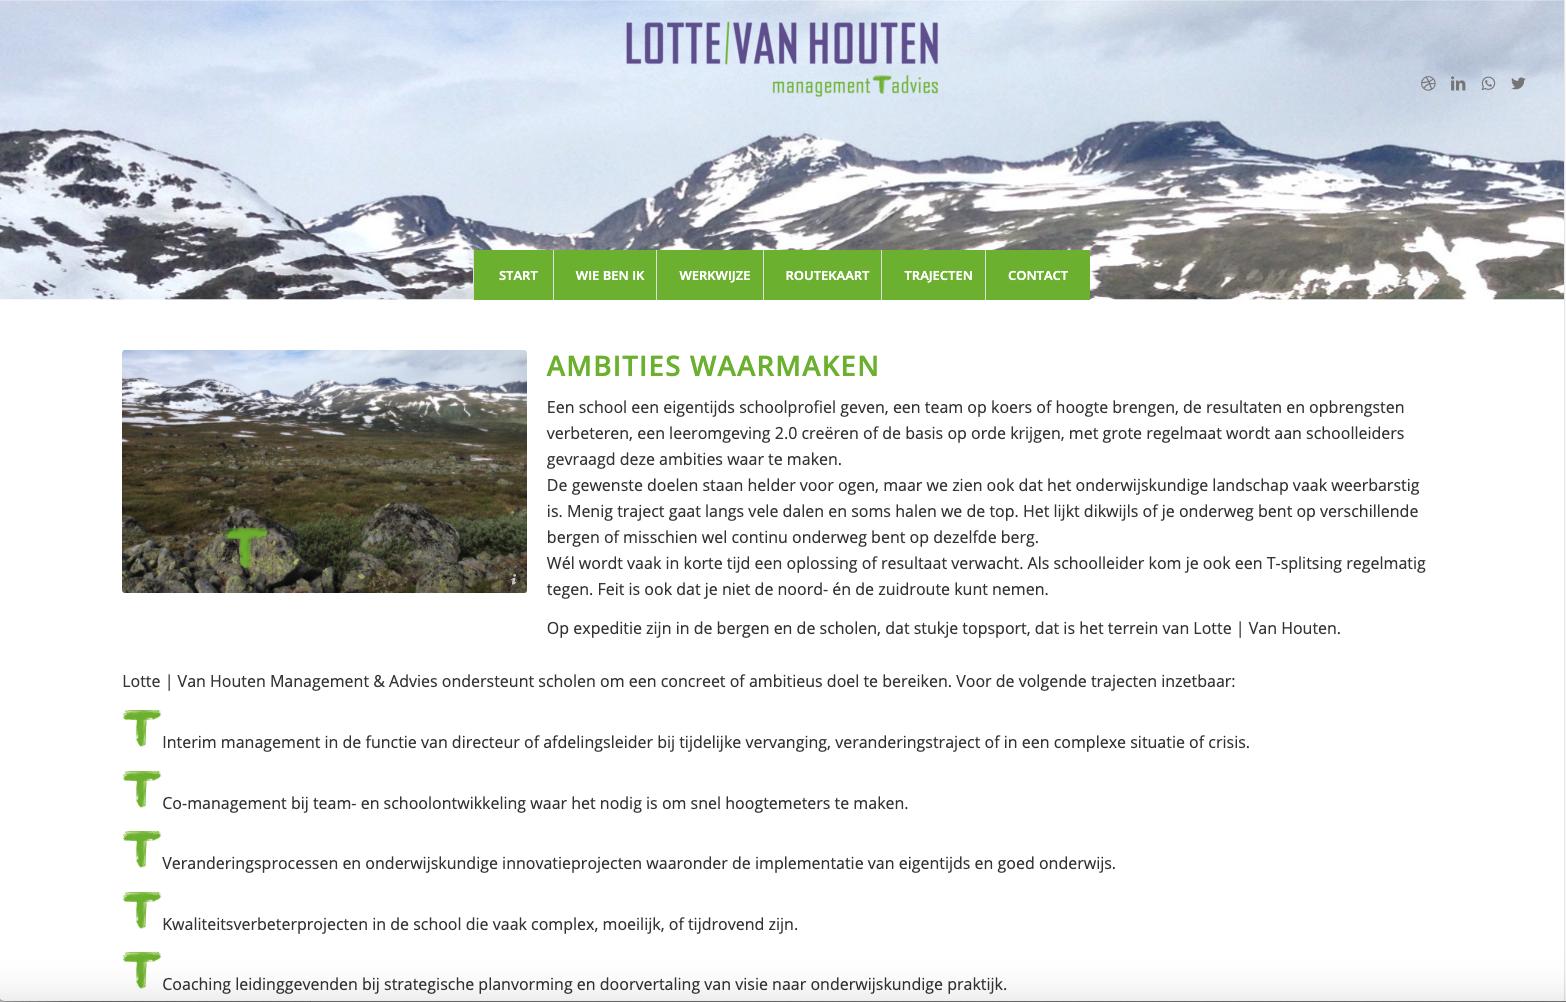 Lotte van Houten Management & Advies